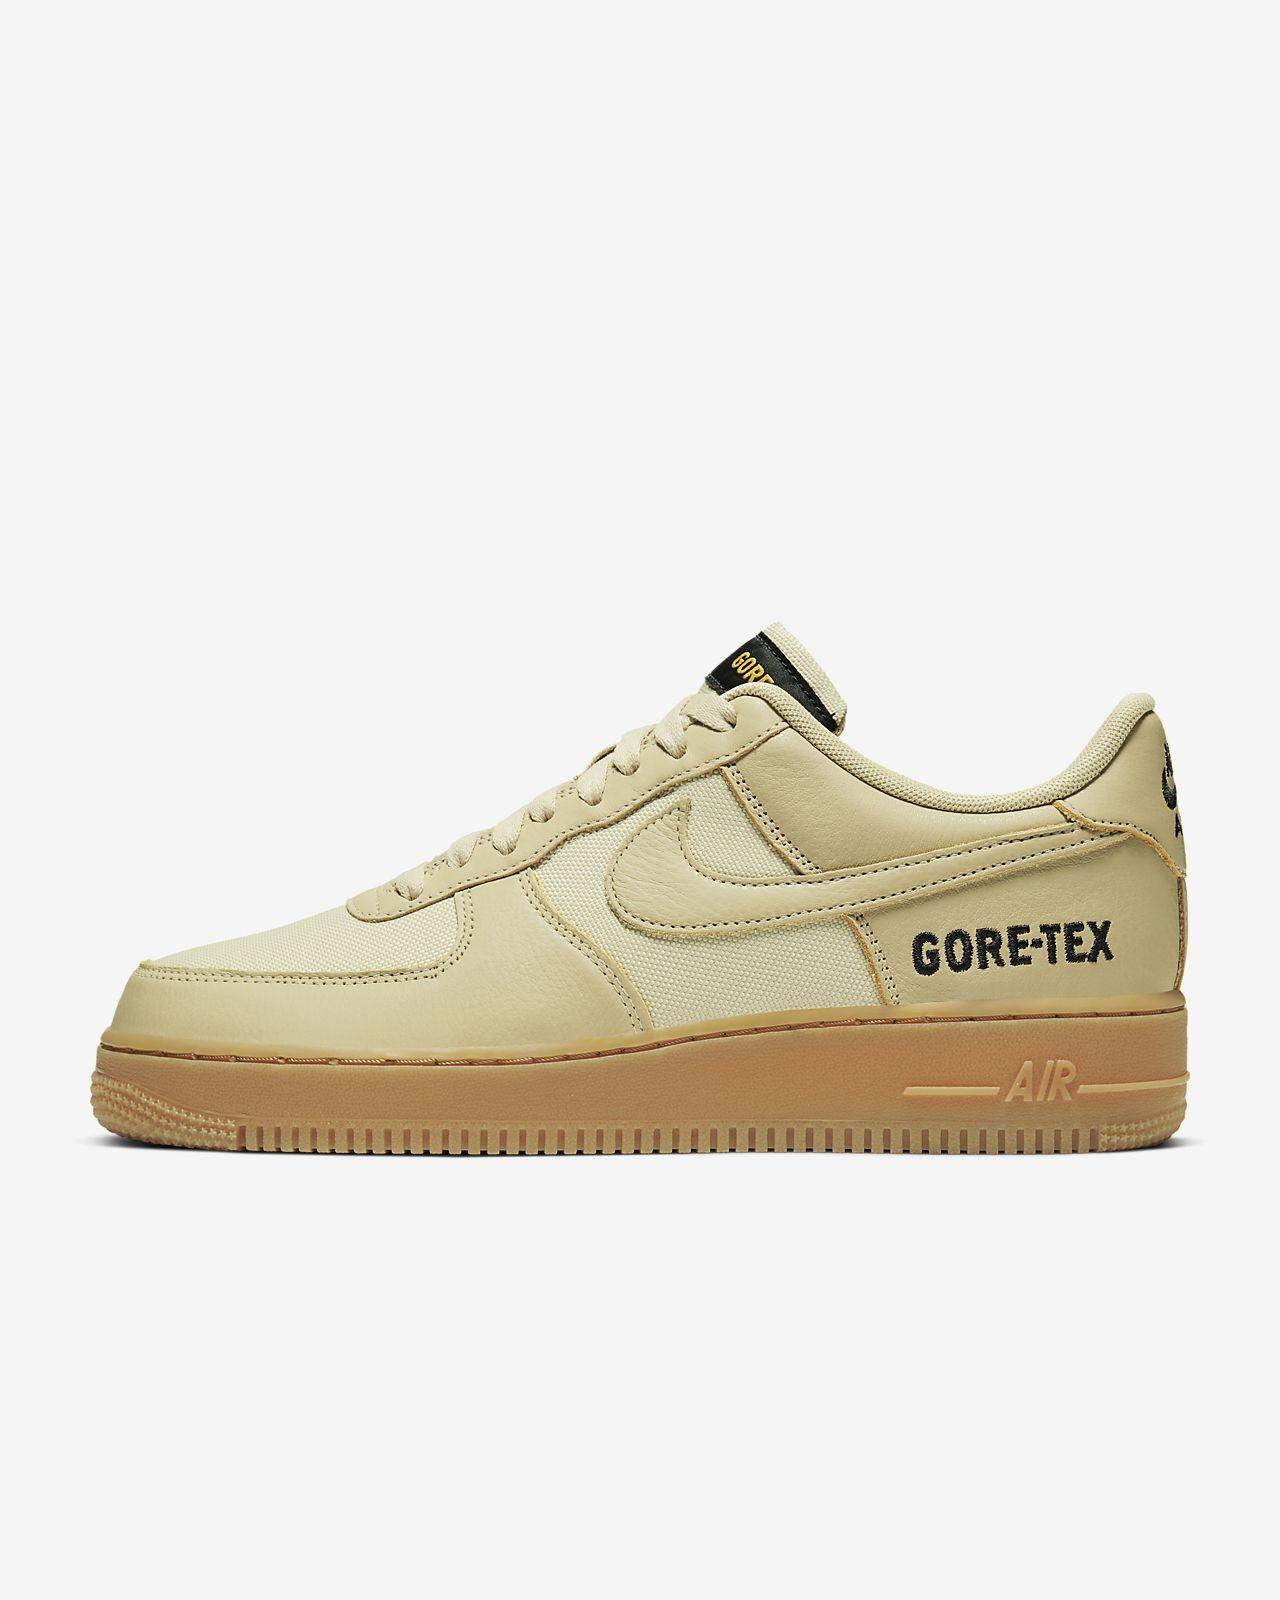 Sapatilhas Nike Air Force 1 GORE TEX